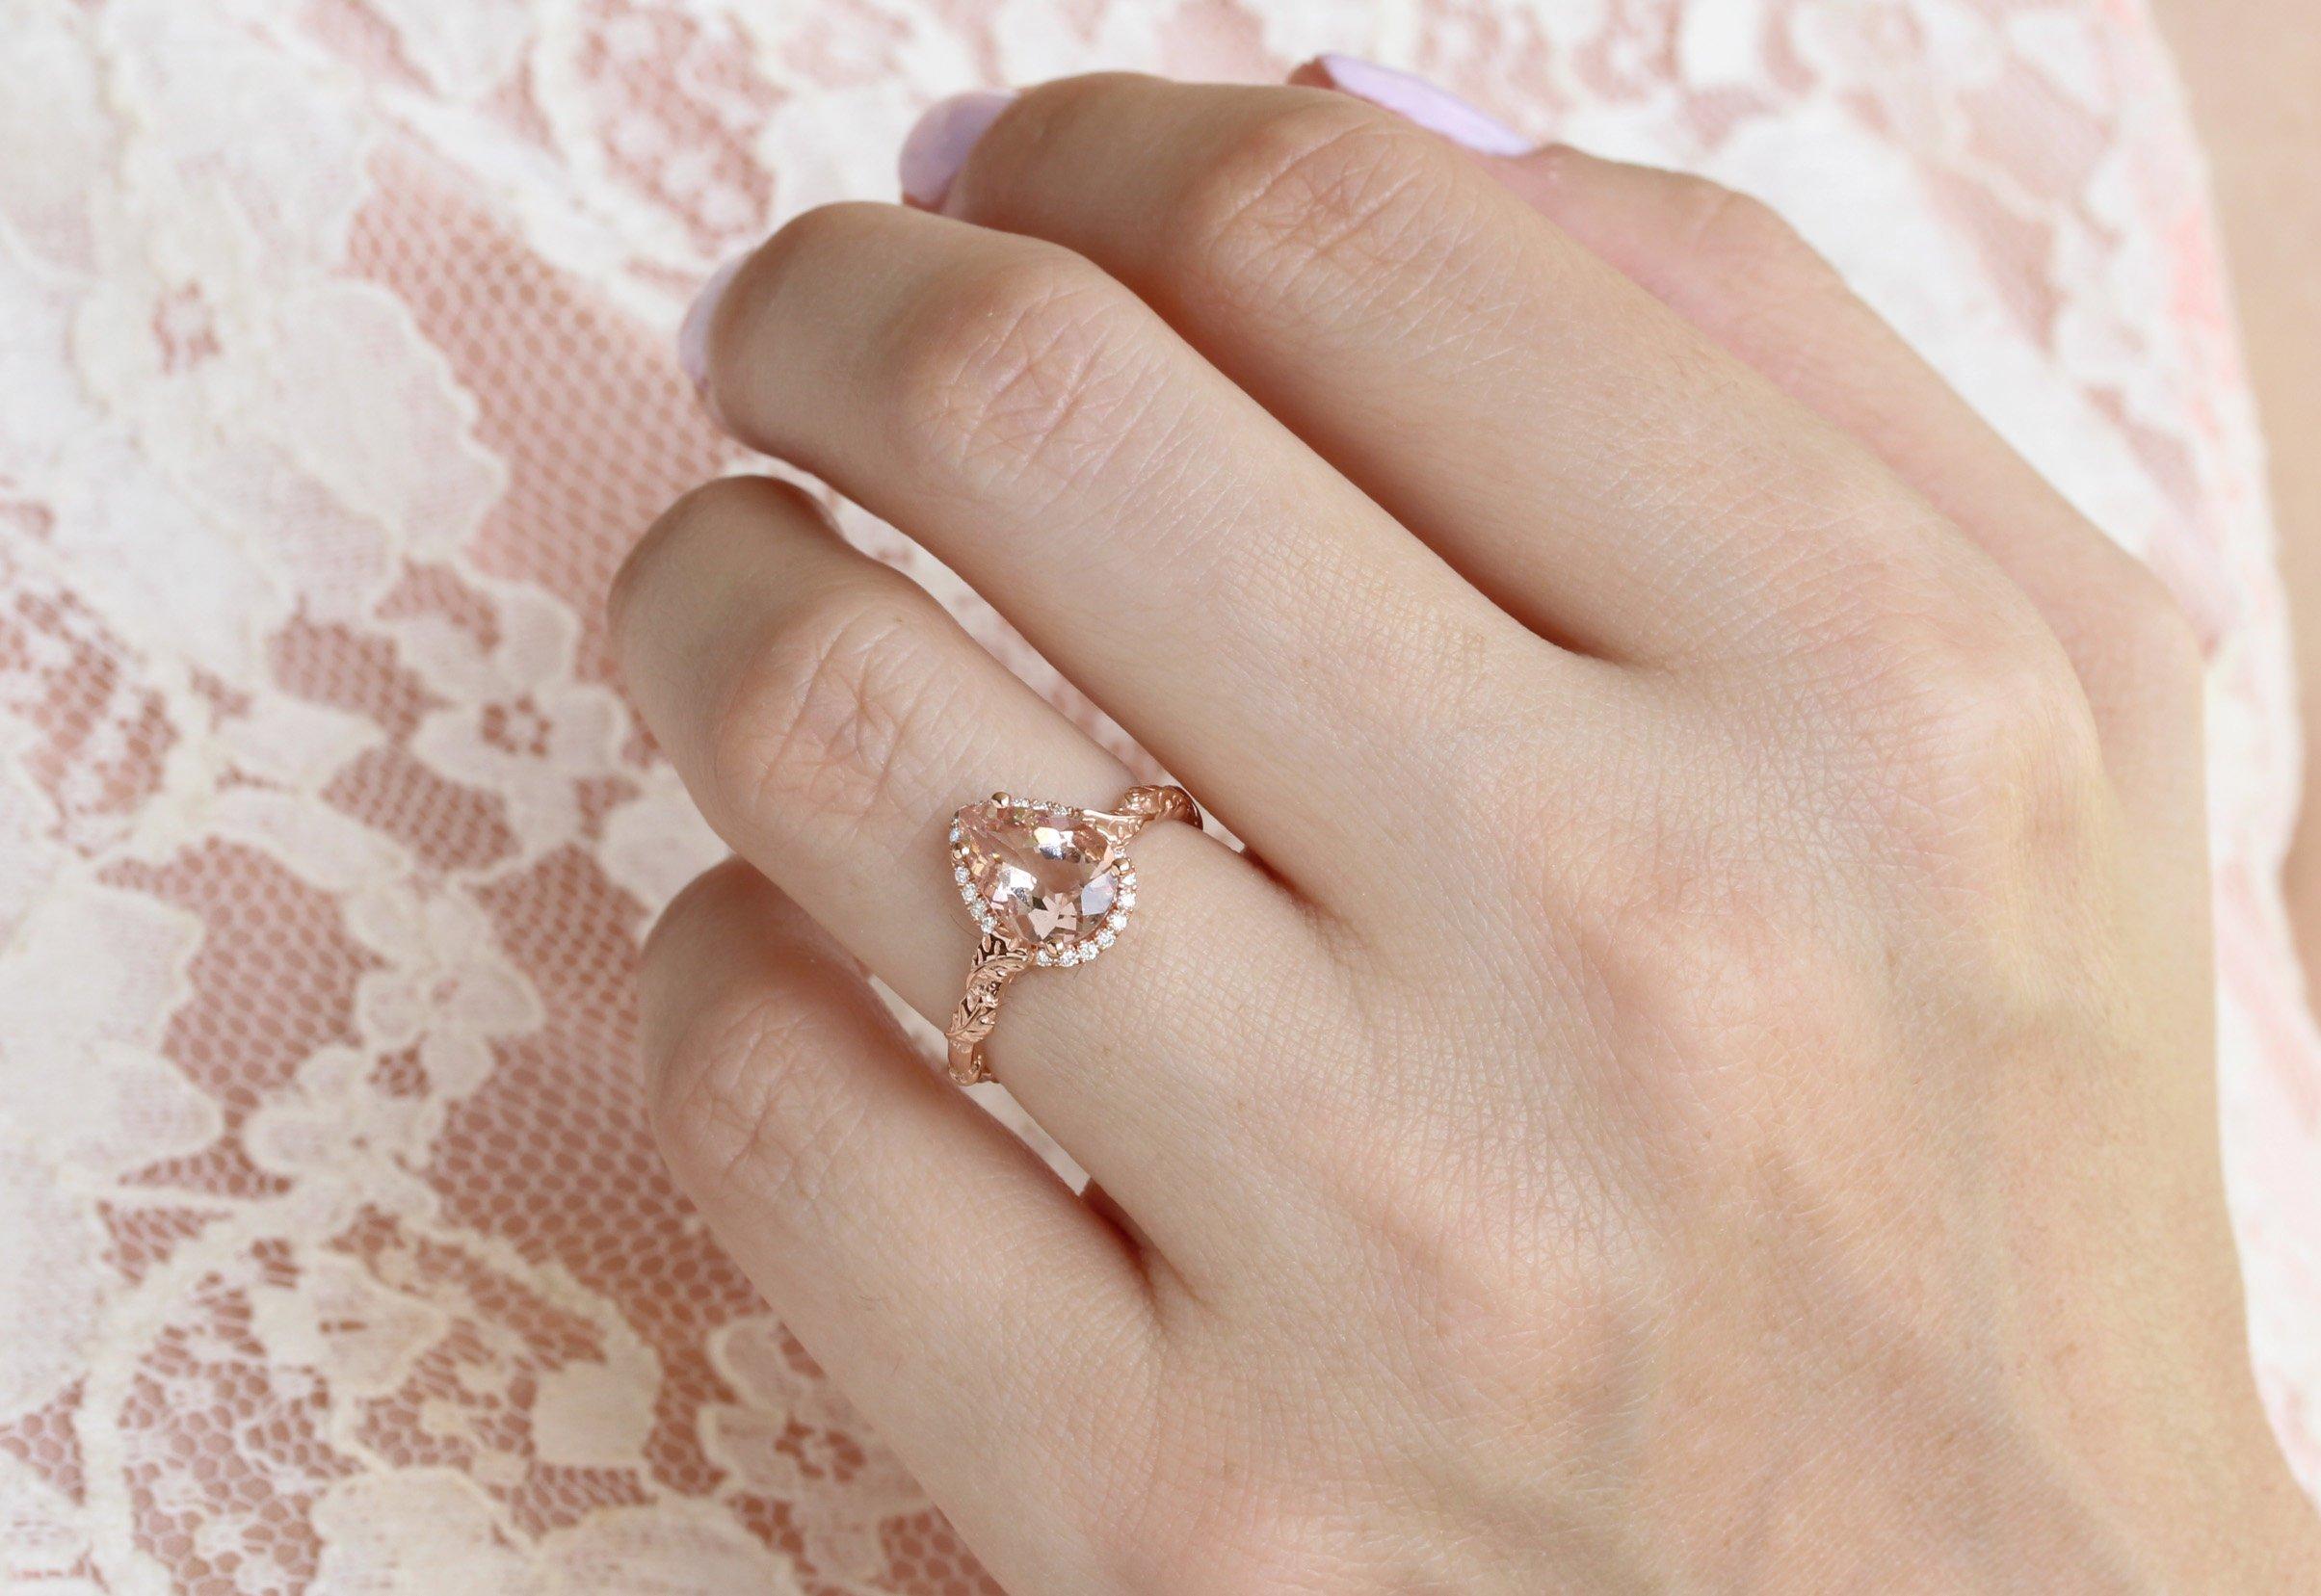 Morganite Unique Engagement Ring 1 5 Carat Nature Leaves Pear Ring Benati